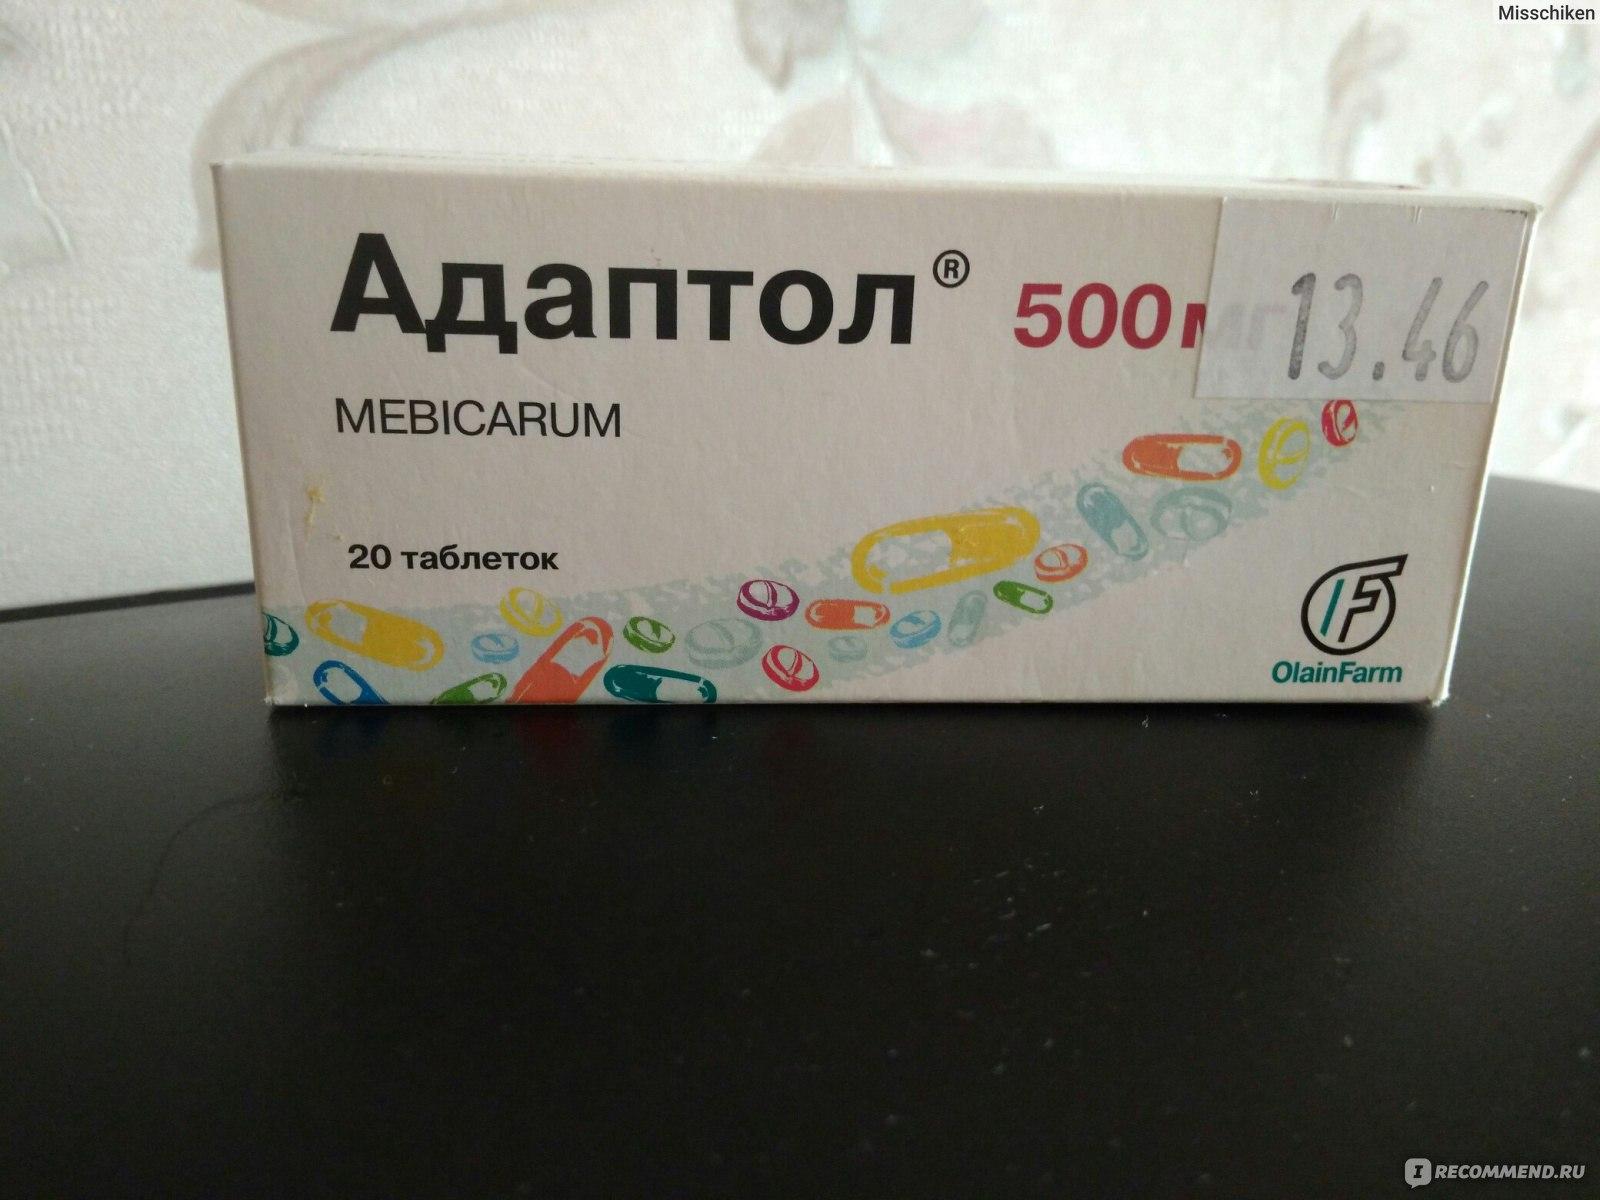 Адаптол простатит какие анализы надо сдать для проверки на простатит